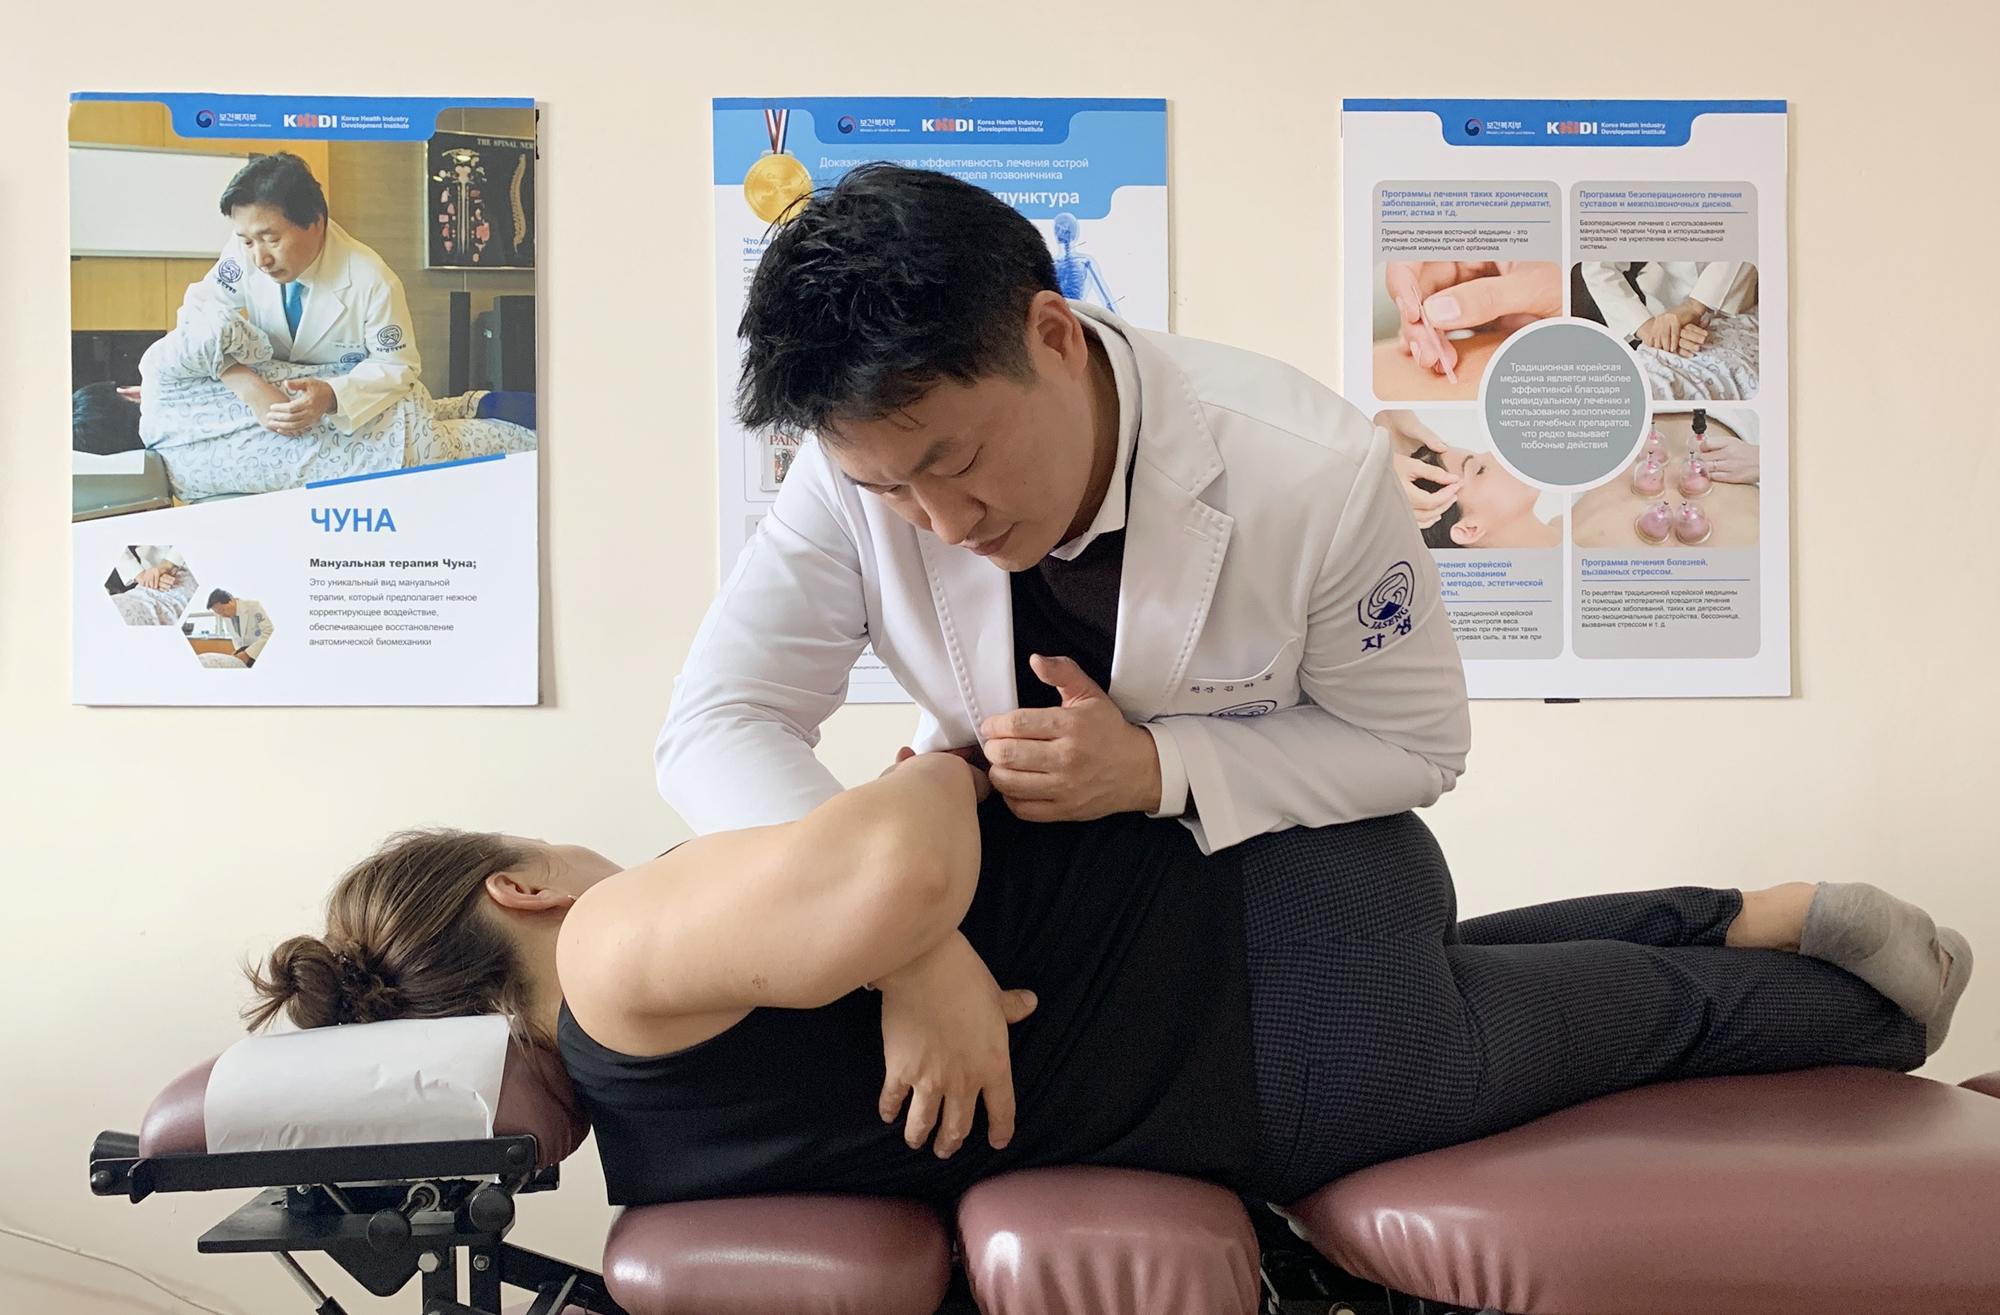 김하늘 자생한방병원 국제진료센터장이 키르기스스탄 환자를 한방 추나요법으로 치료하고 있다.